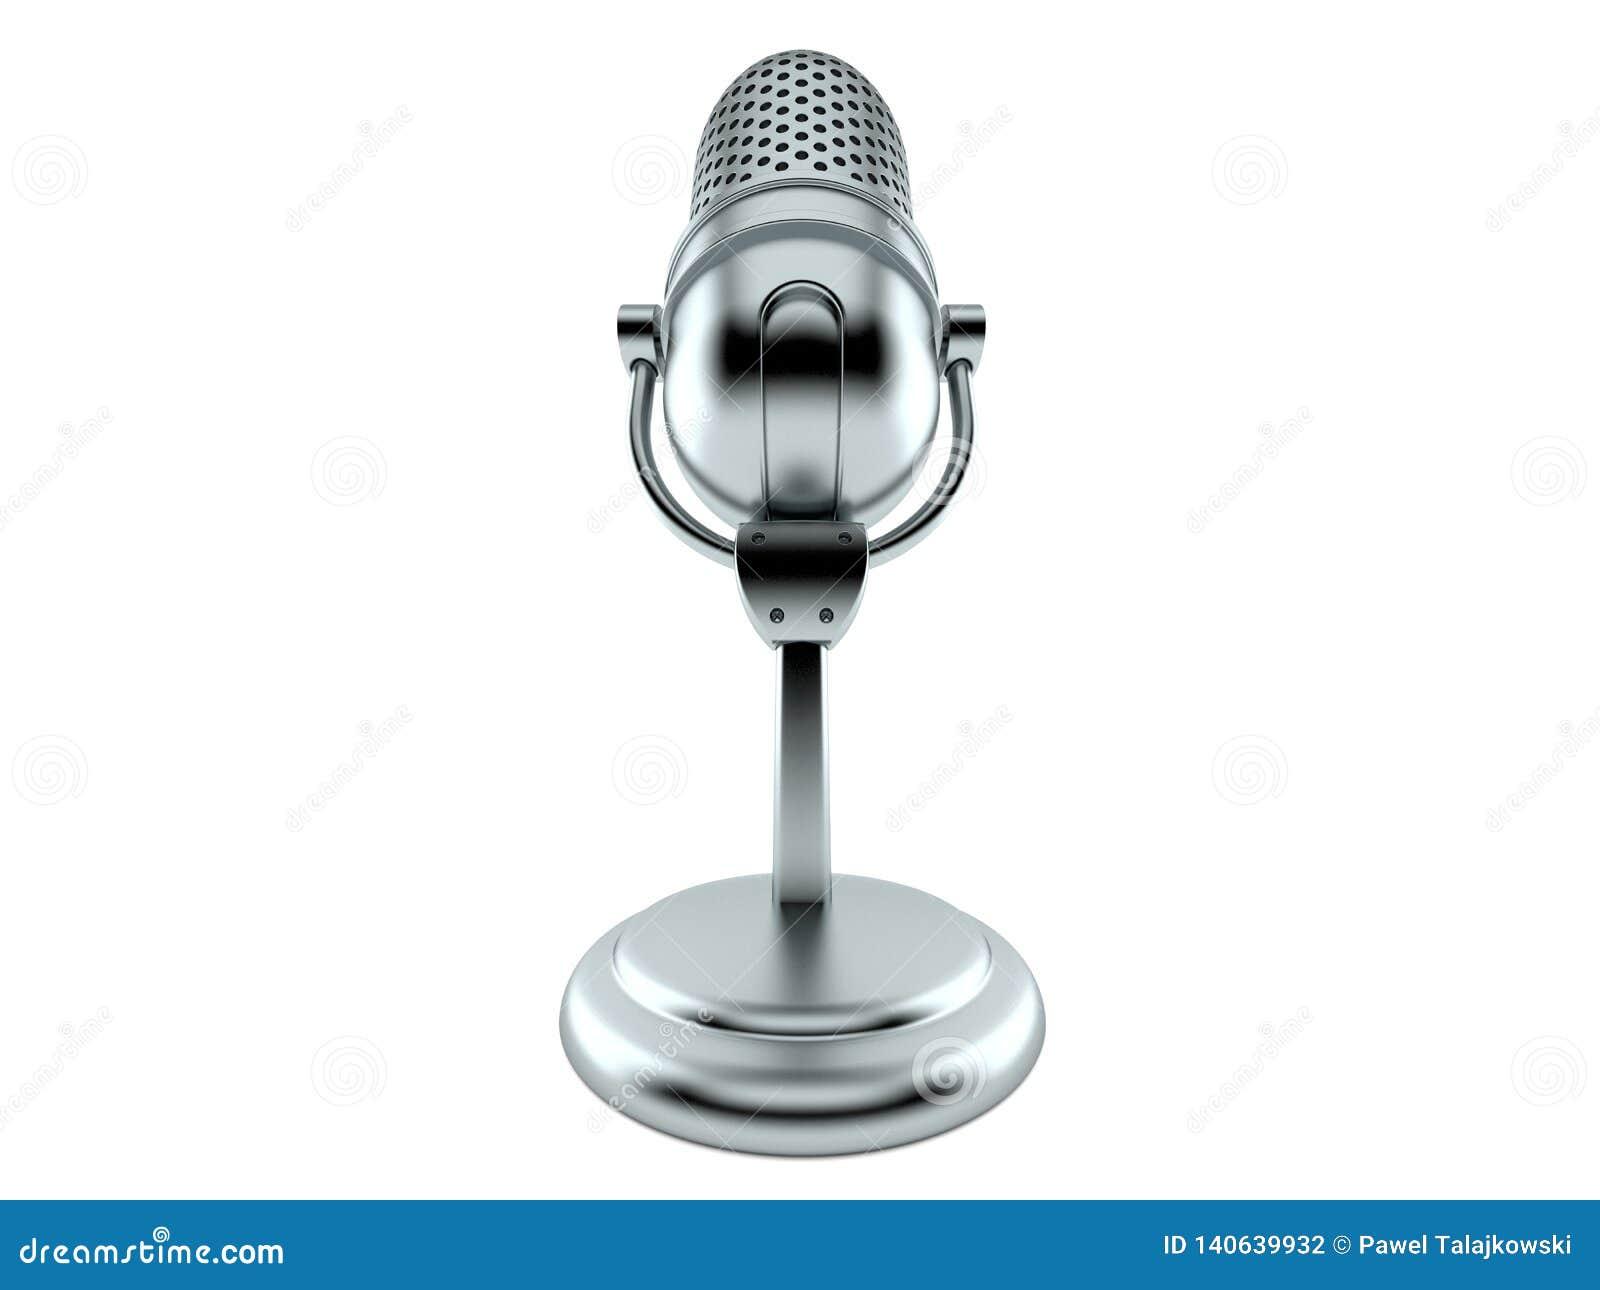 Ραδιο μικρόφωνο